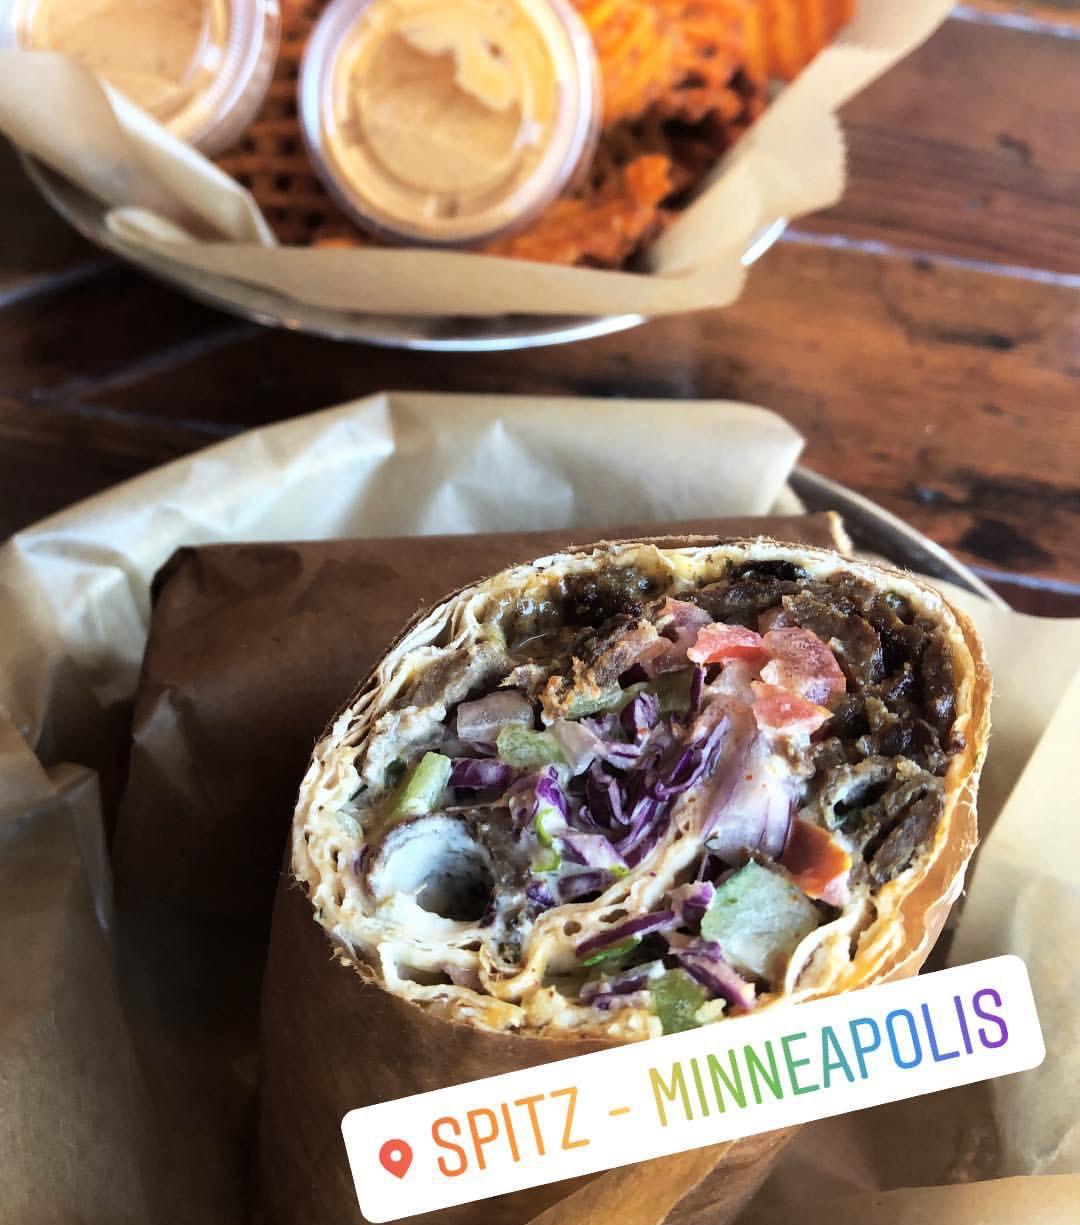 Spitz_Minneapolis